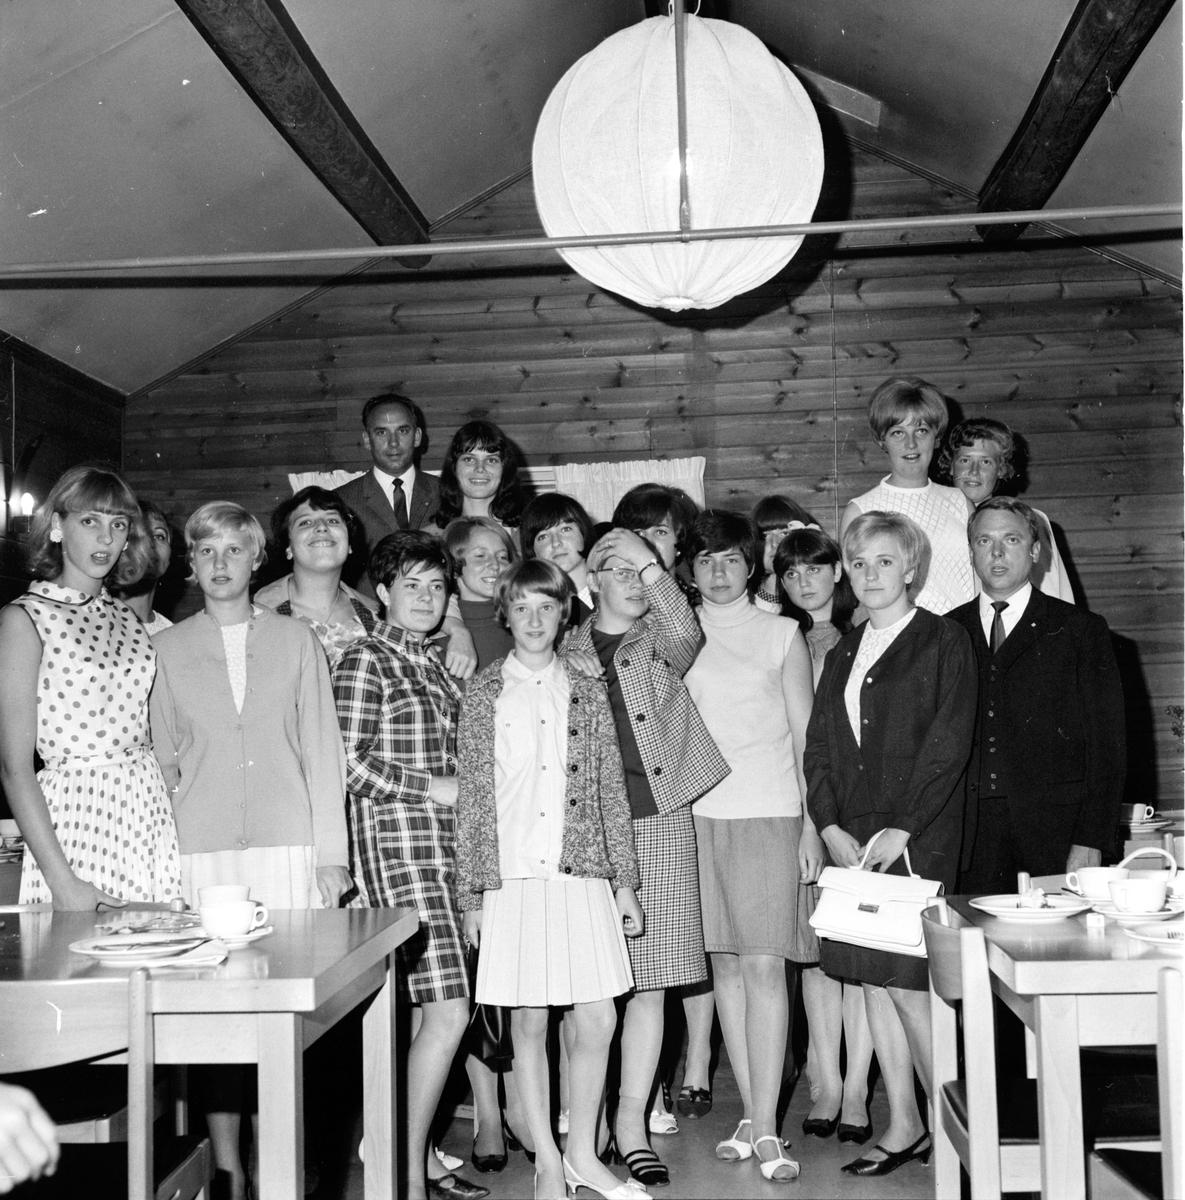 Vänortsbesök, Misburgsgäster kommer d. 1 Augusti 1966, Träff på Bollegården, 2 Augusti 1966